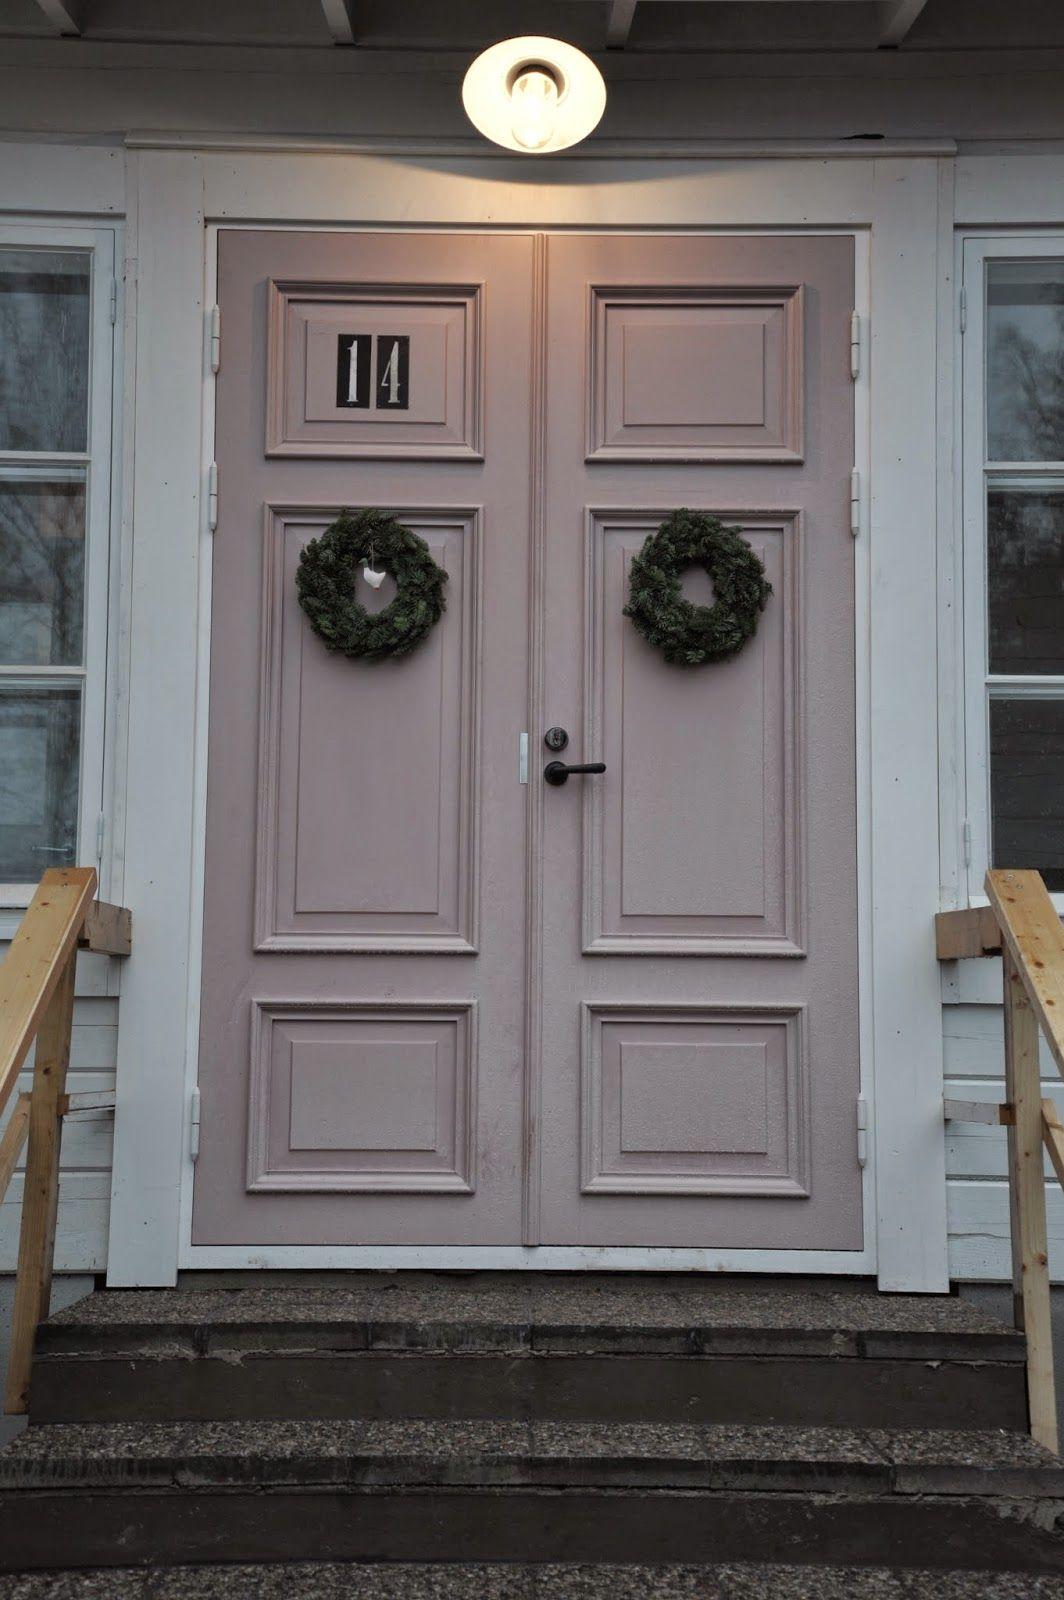 P ö m p e l i: Tervetuloa kotiin joulu